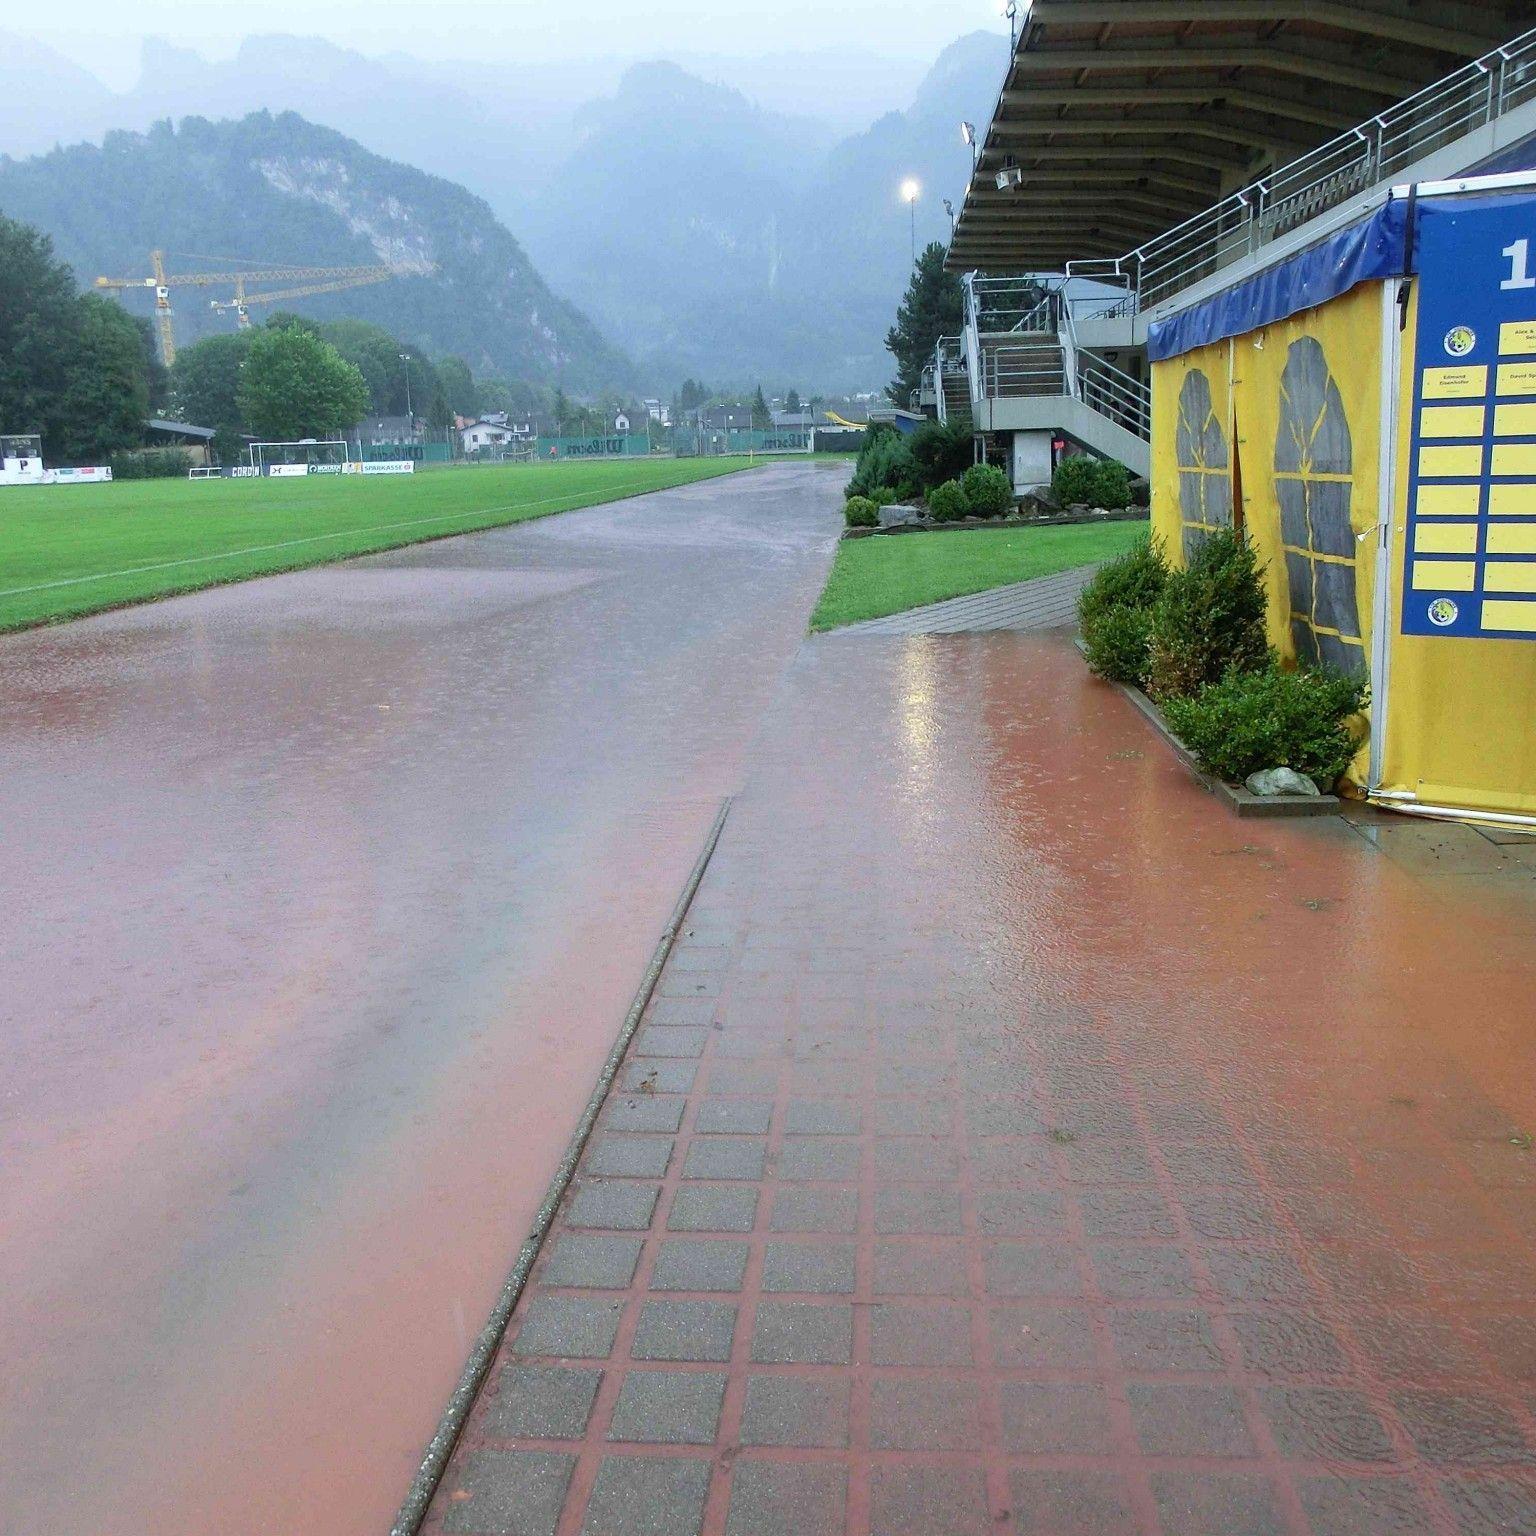 Roter Schlamm überschwemmt das Herrenriedstadion, eine Generalsanierung ist unumgänglich.